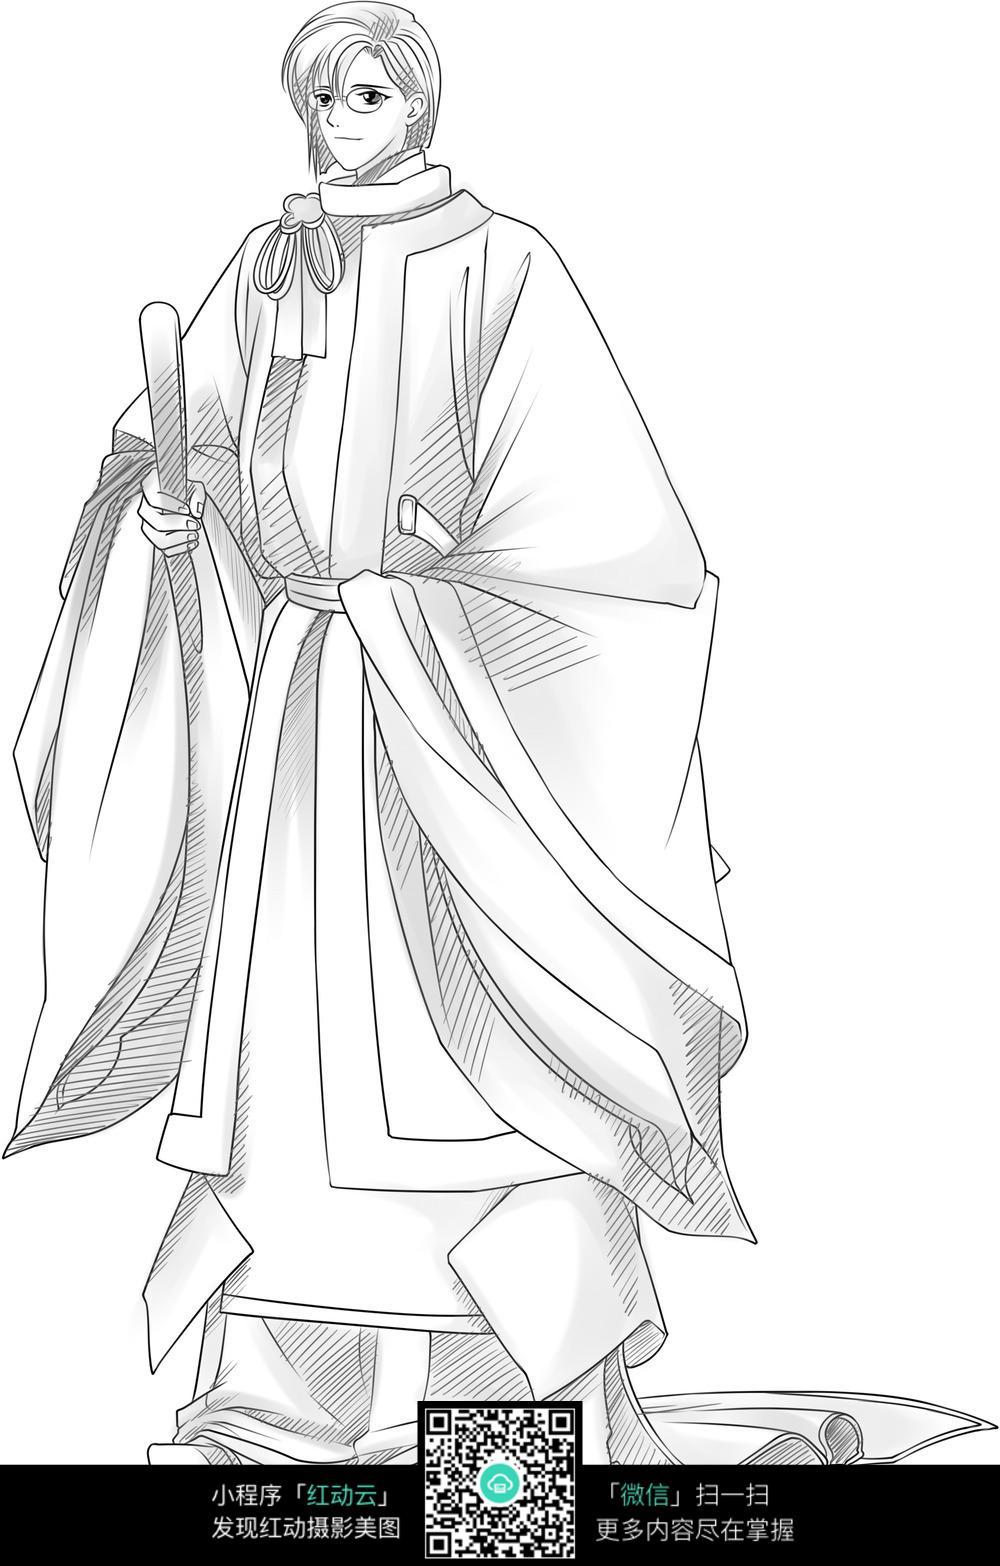 古装男子卡通手绘线稿图片免费下载(编号3689982)_红